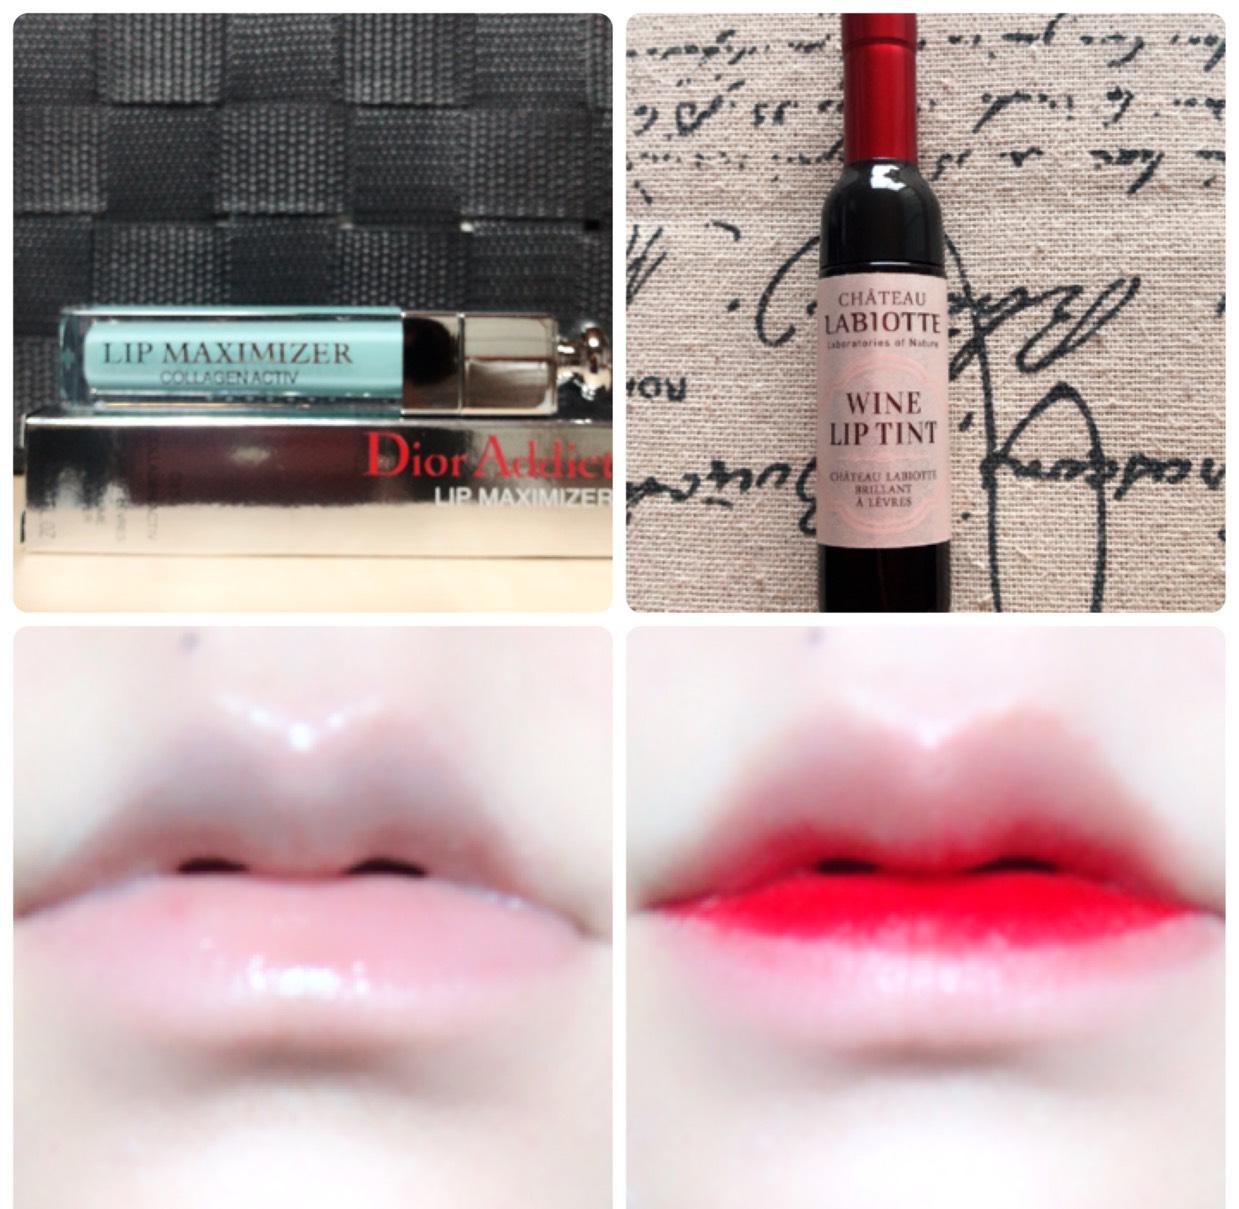 Diorのリップマキシマイザーを塗ってからラビオッテのワインリップティント(RD01)を内側に塗り、馴染ませます。